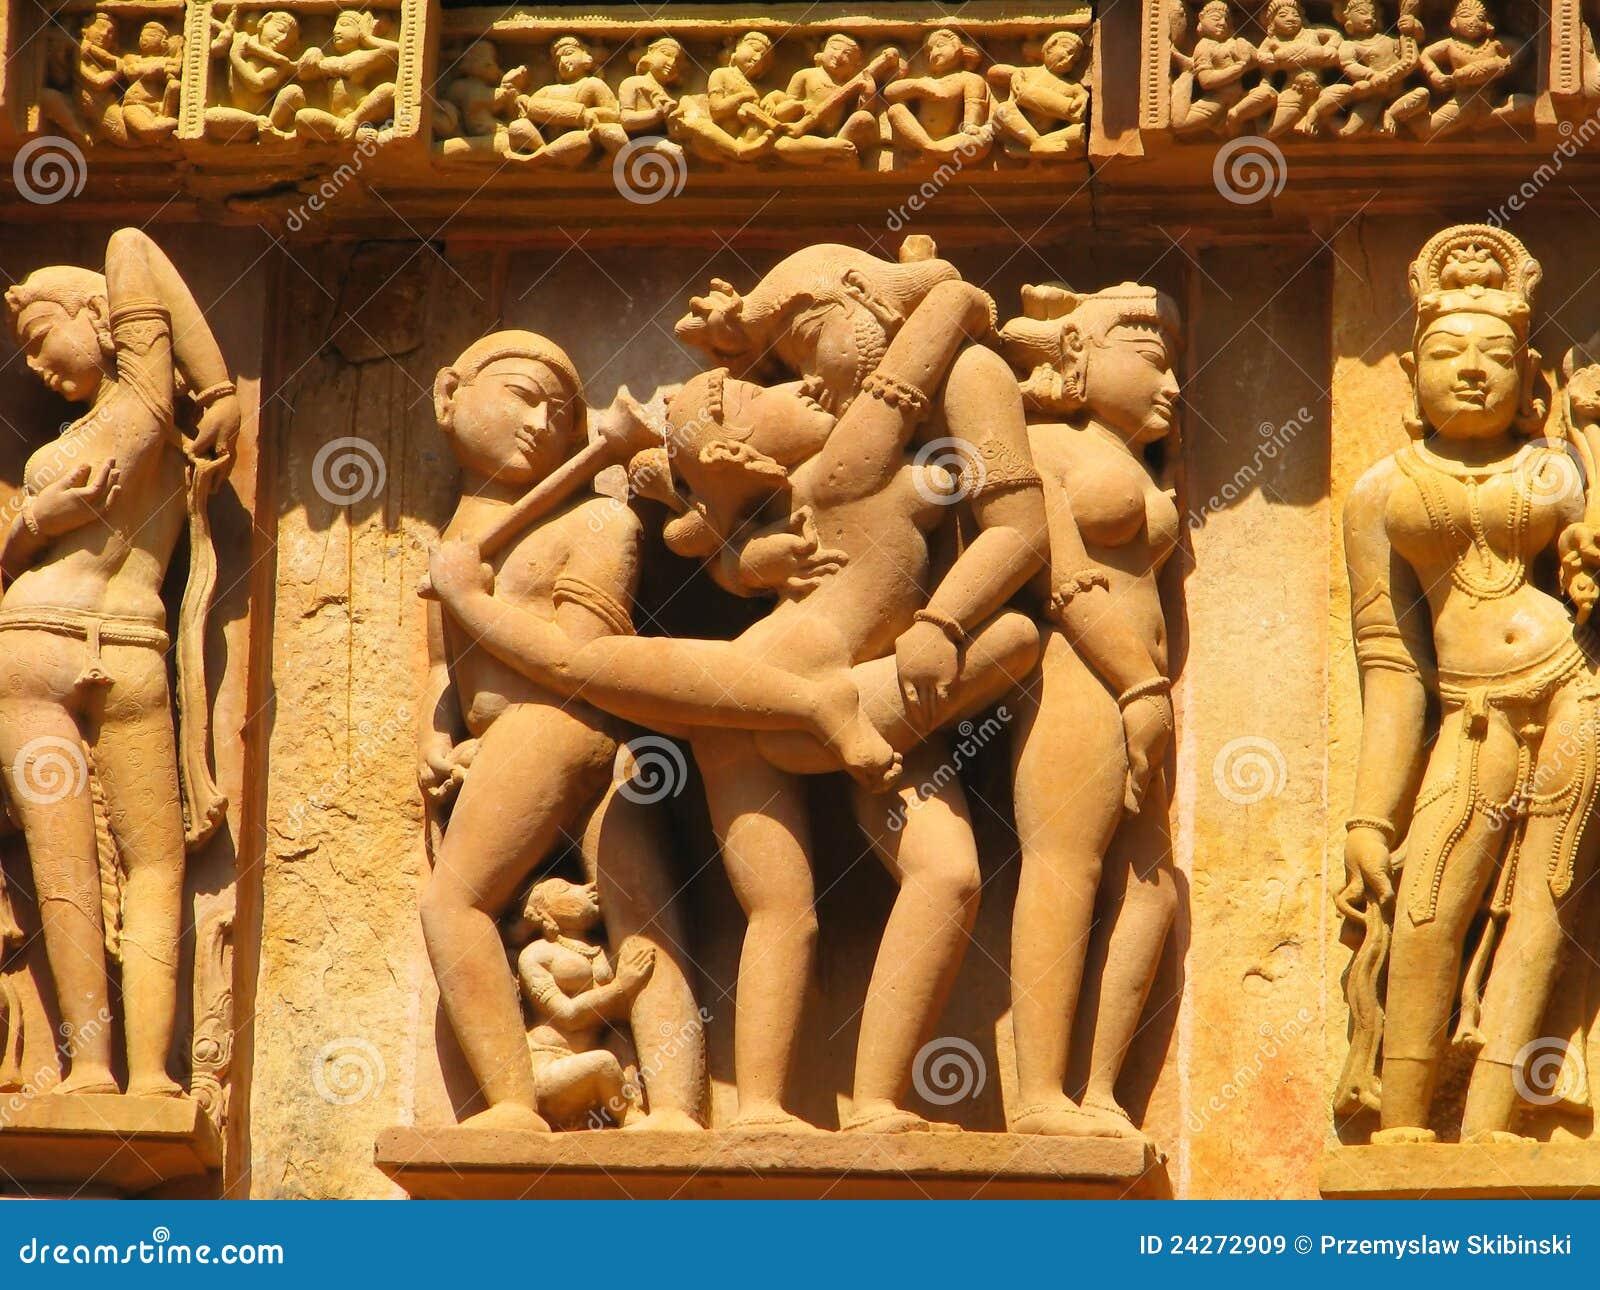 Erotische Skulptur in Indien